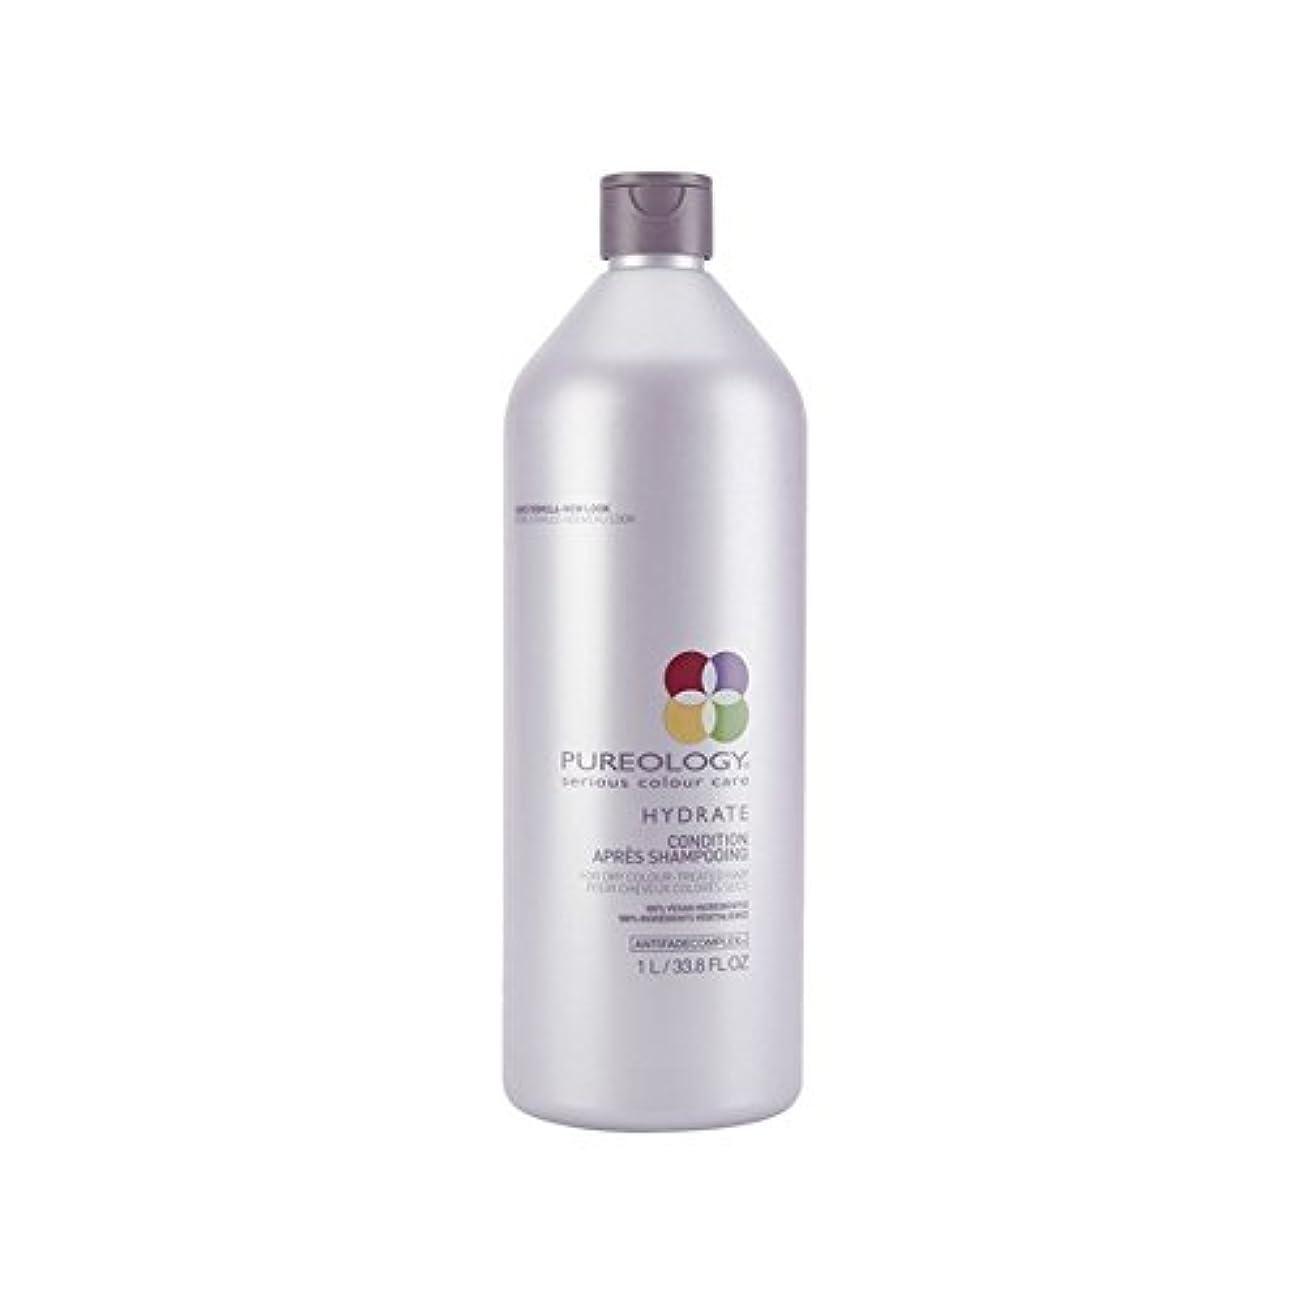 シャンパンアナログ純粋な水和物コンディショナー(千ミリリットル) x4 - Pureology Pure Hydrate Conditioner (1000ml) (Pack of 4) [並行輸入品]